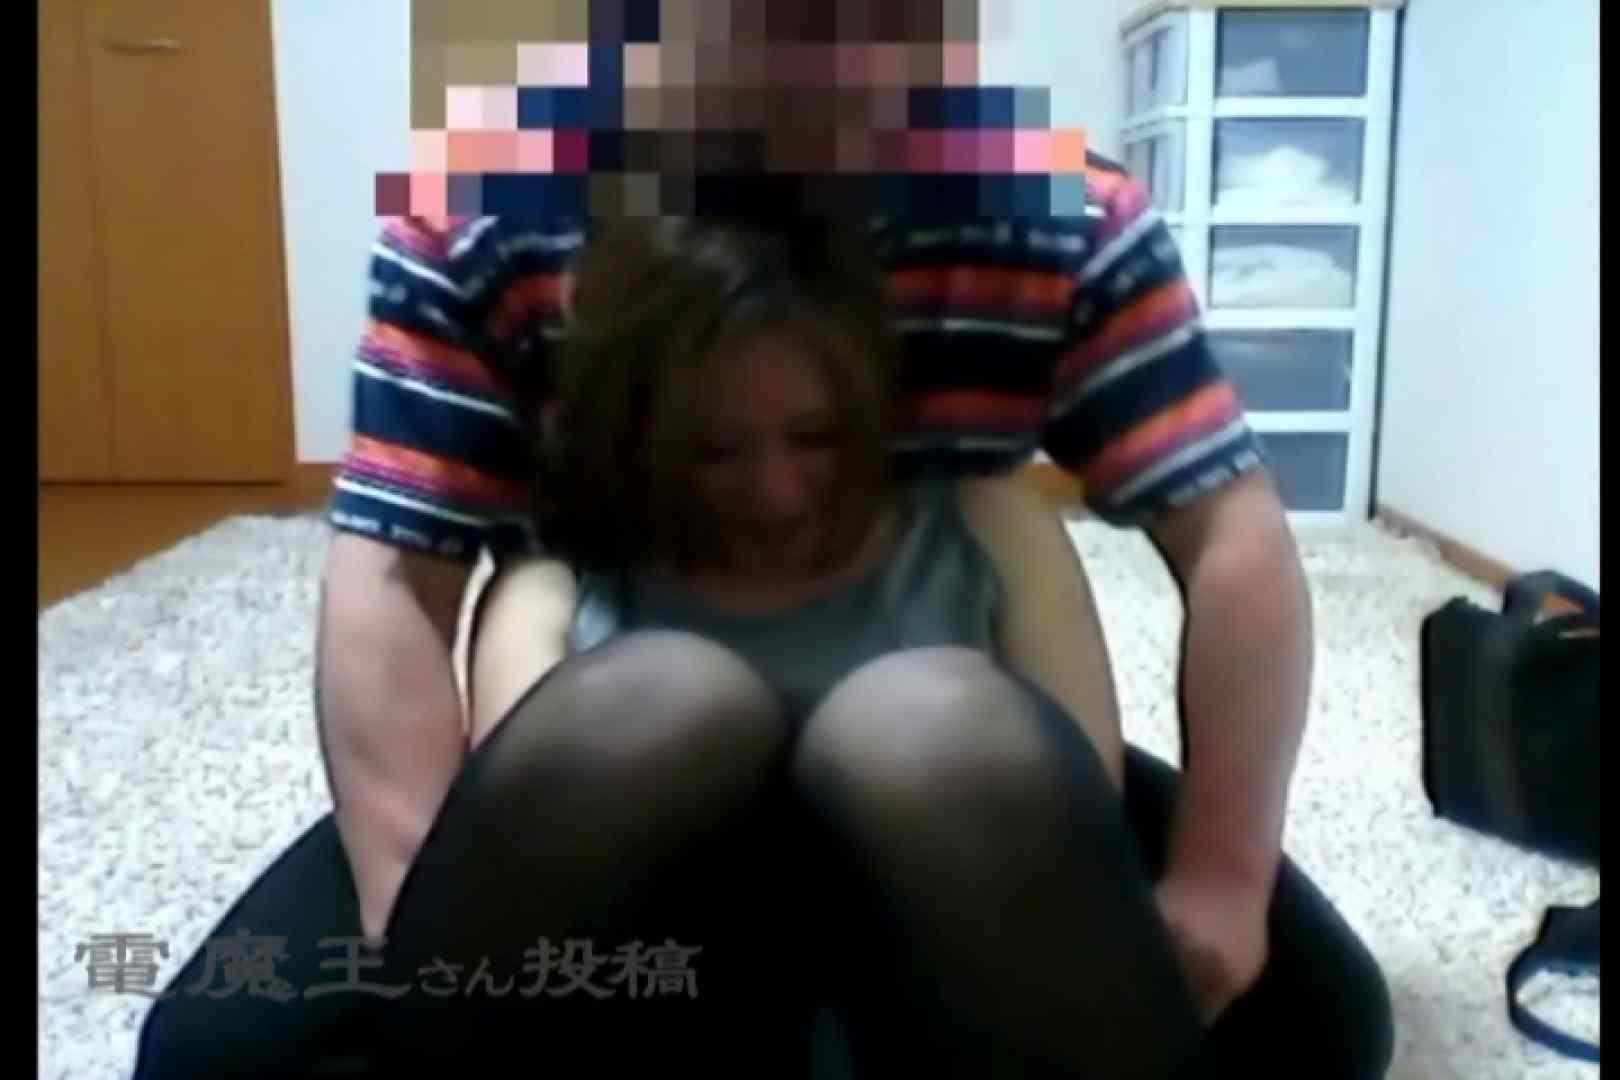 電魔王さんの「隠撮の部屋」カエデ 美女 | 隠撮  29連発 27